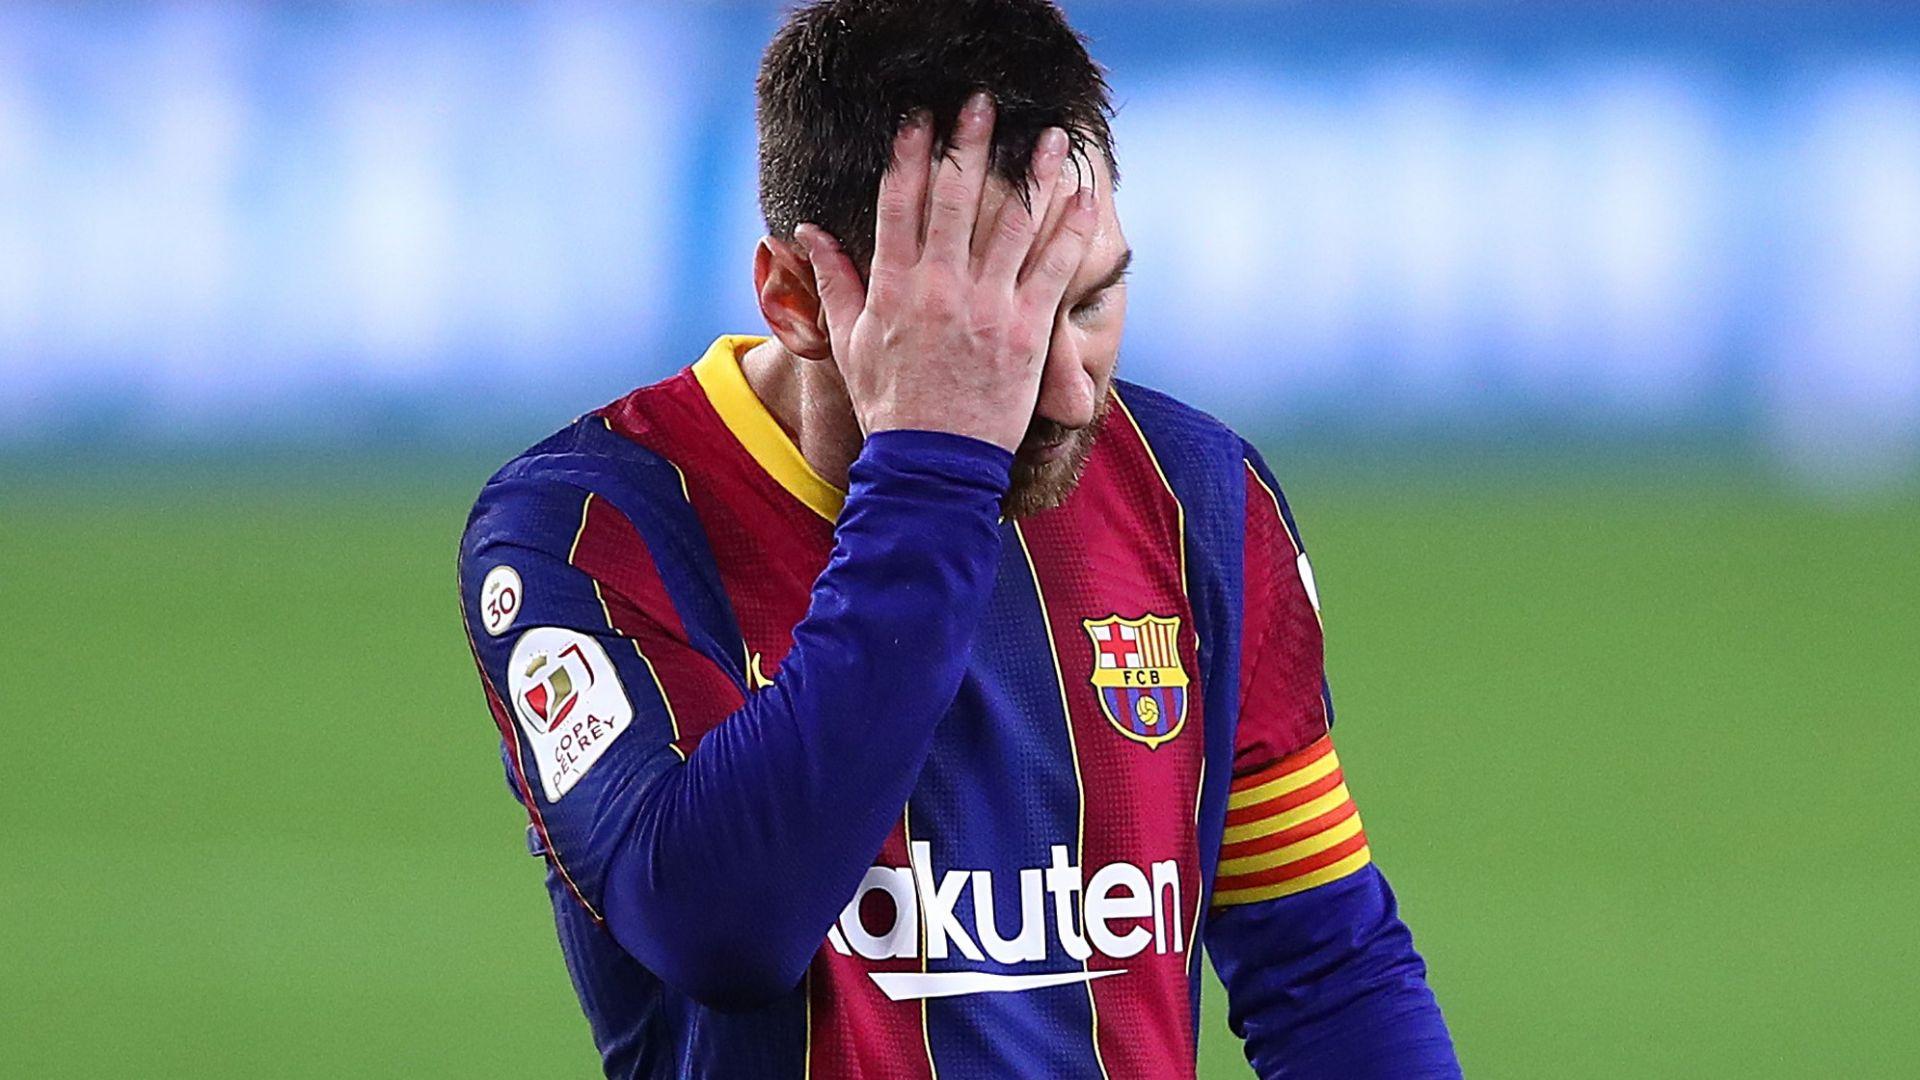 Времето минава, а от Барселона не могат да предложат договор на Меси